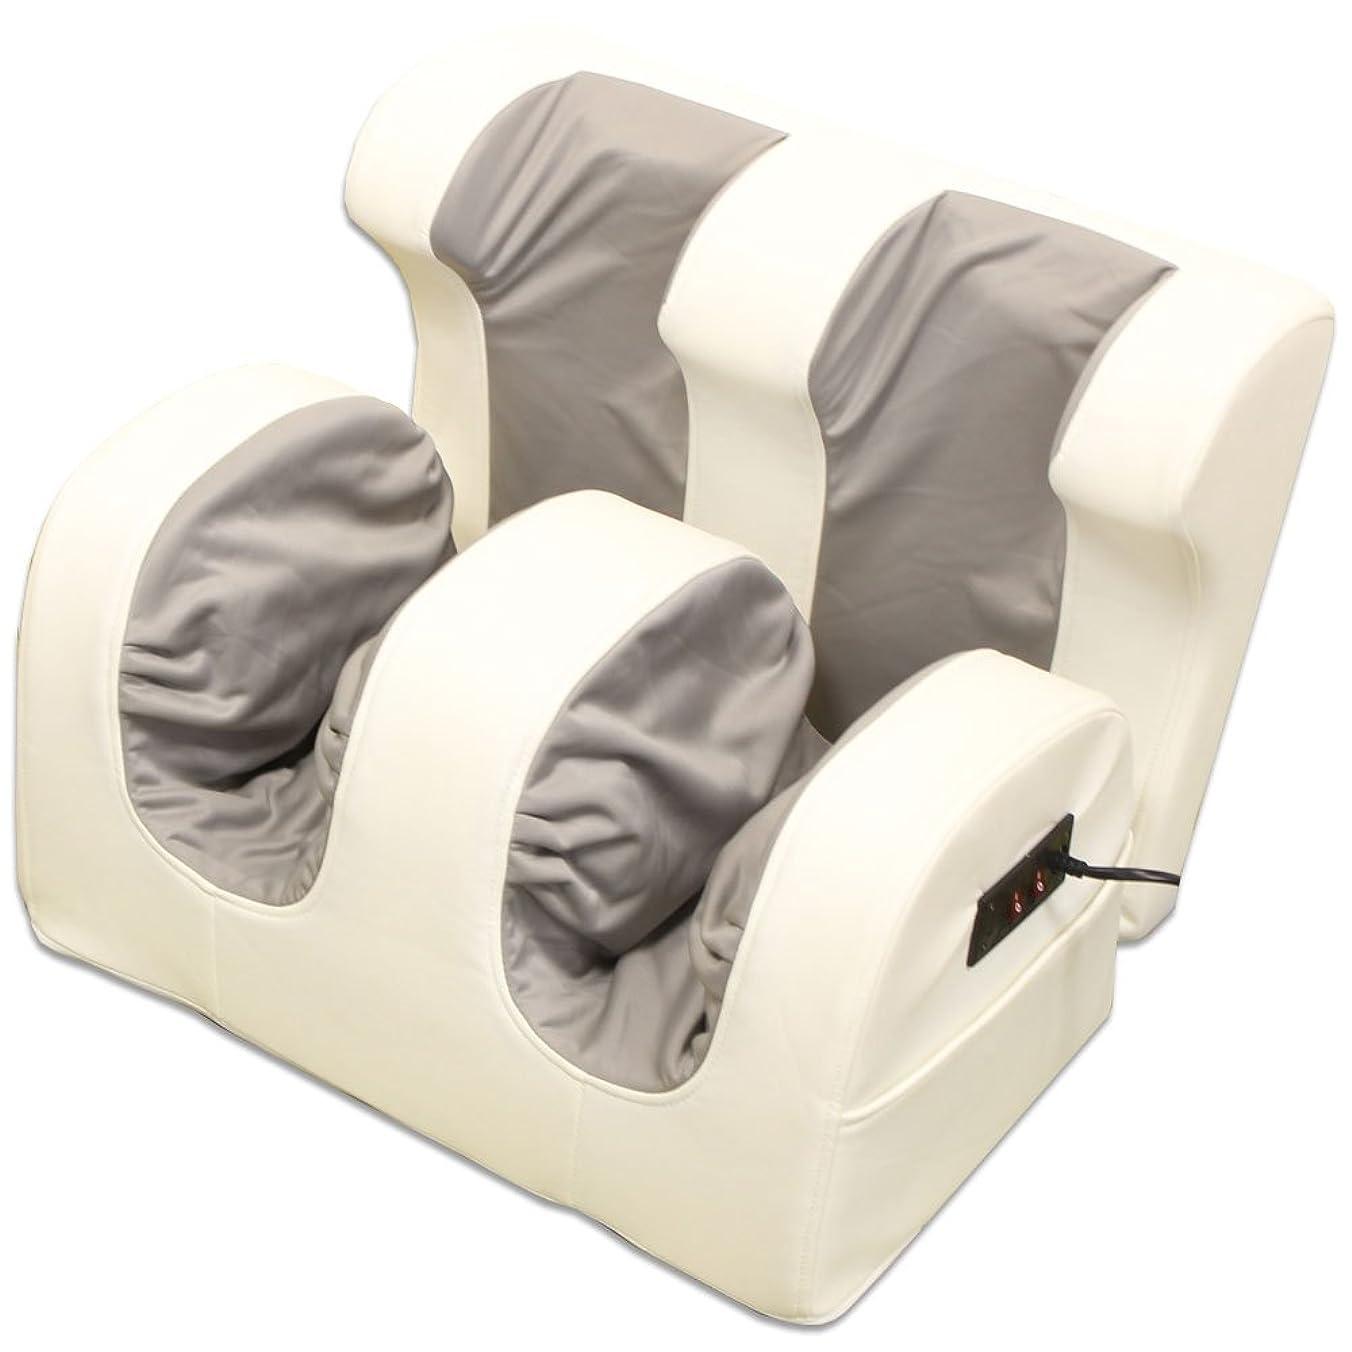 ペナルティ拡声器緊張足マッサージ器 ホワイト×グレー ヒーター付き 白 足裏 ふくらはぎ 引き締め 揉み上げ 家庭用 マッサージ機